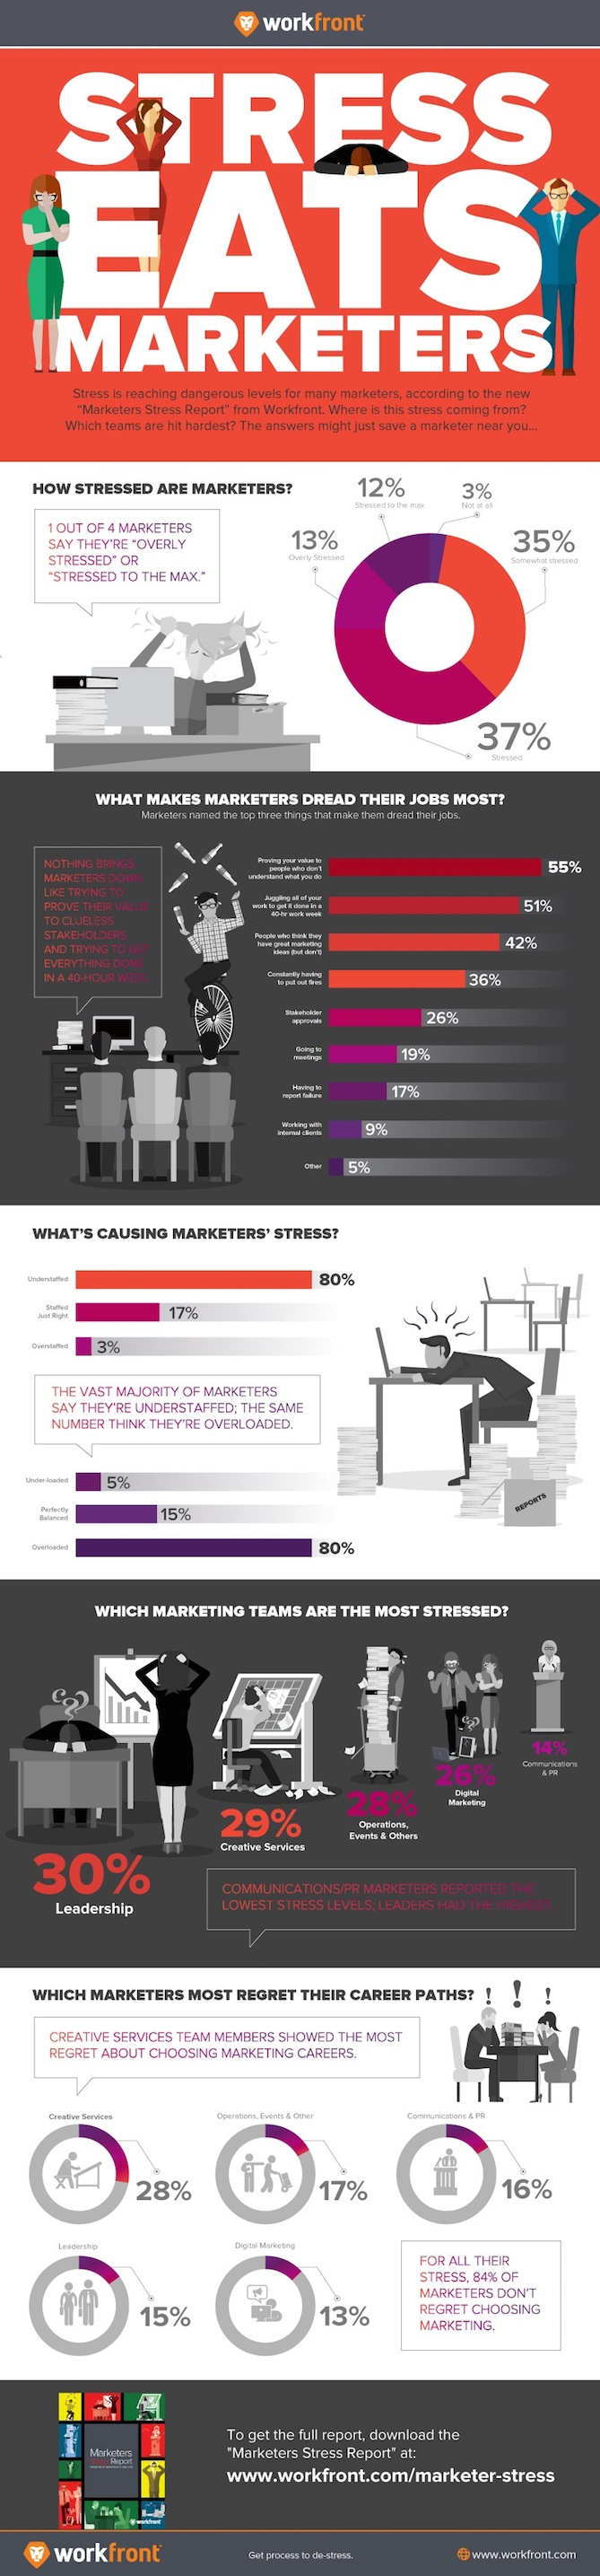 marketer-stress